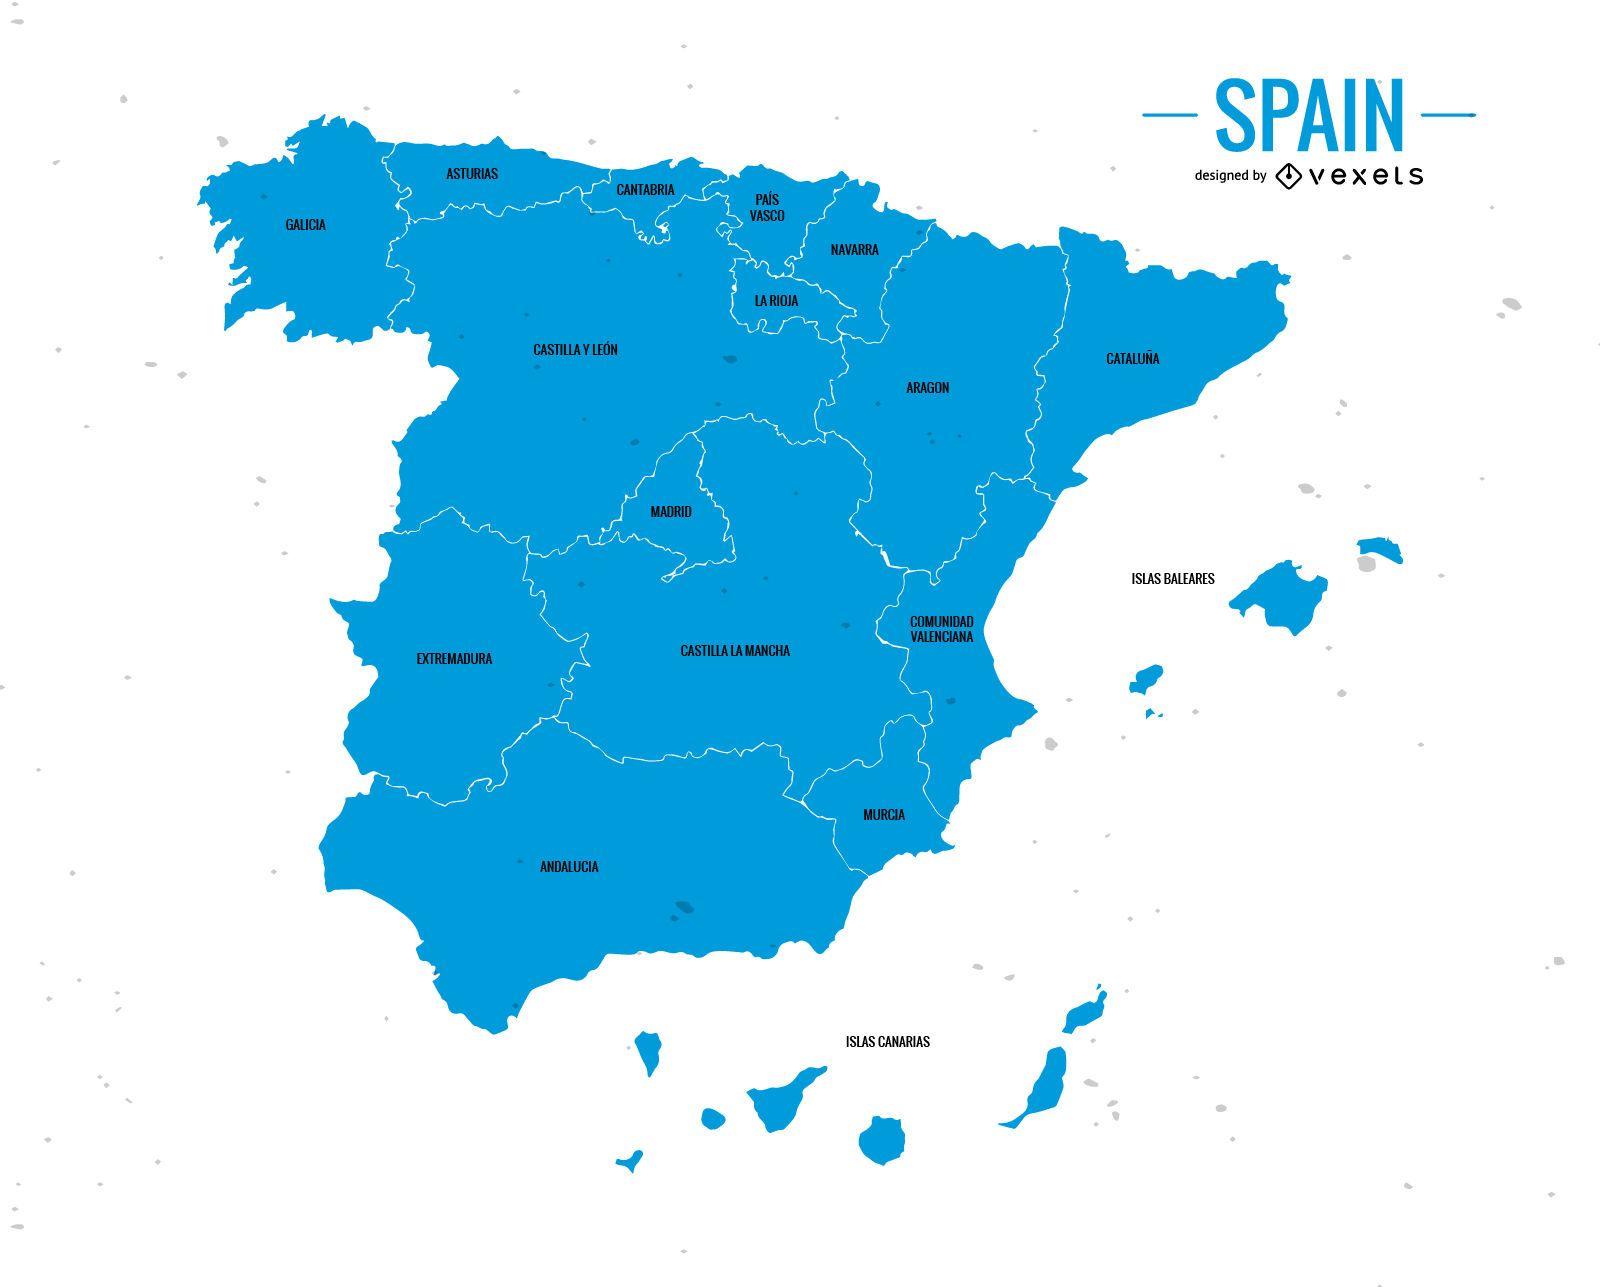 Mapa da divisão administrativa da Espanha